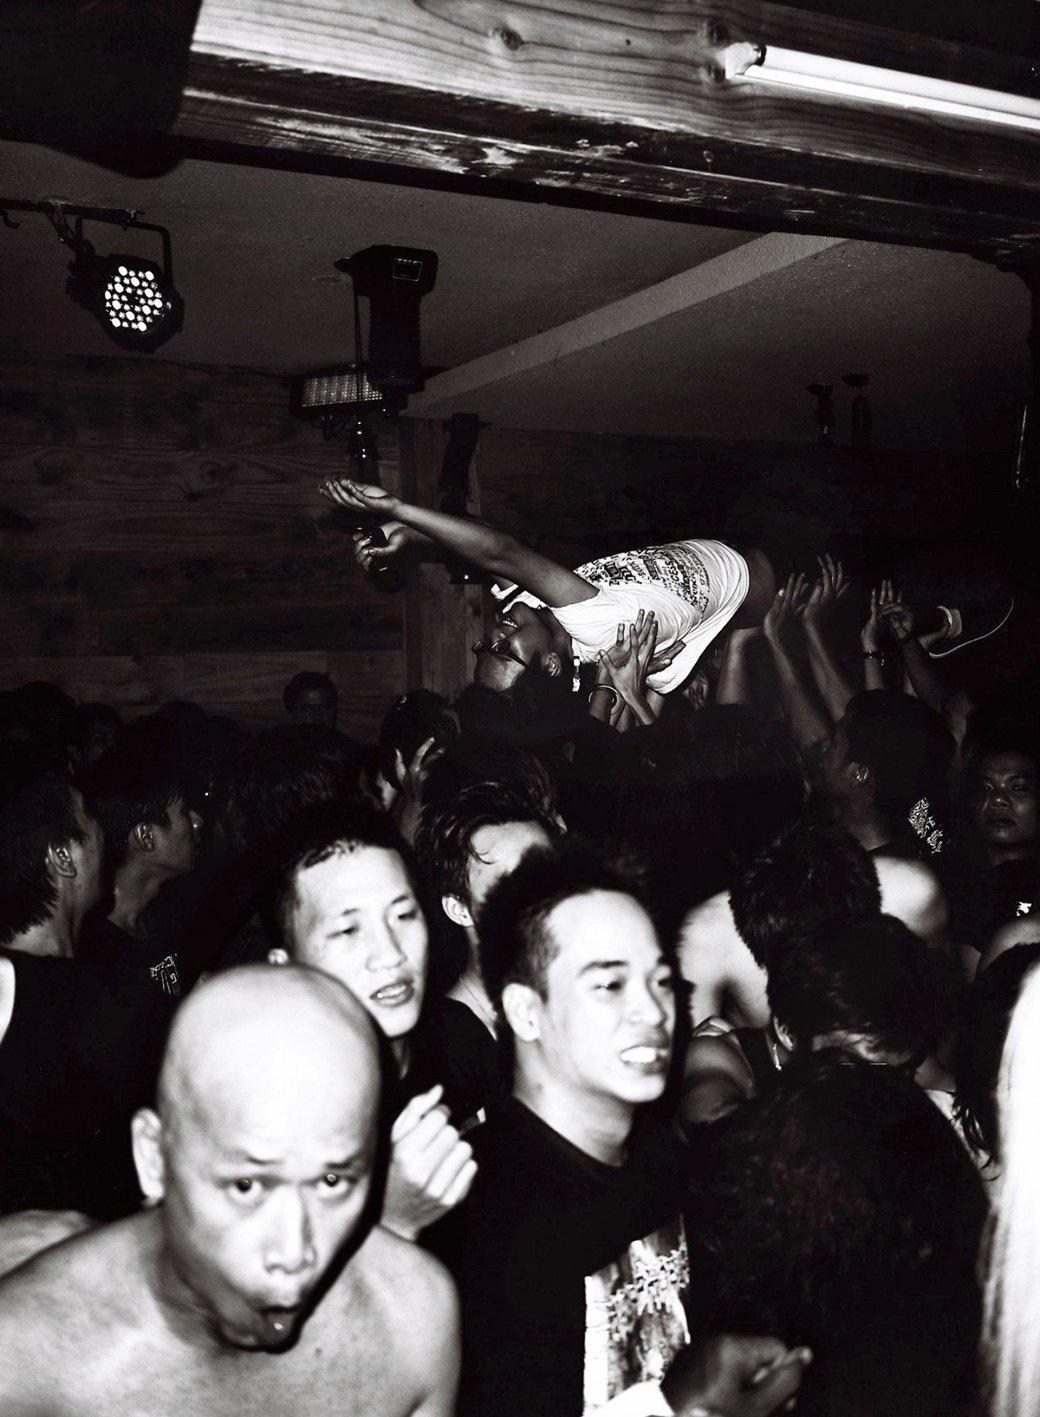 Азиатский андеграунд: Панк, грайндкор и экстремальный метал по-вьетнамски . Изображение № 14.